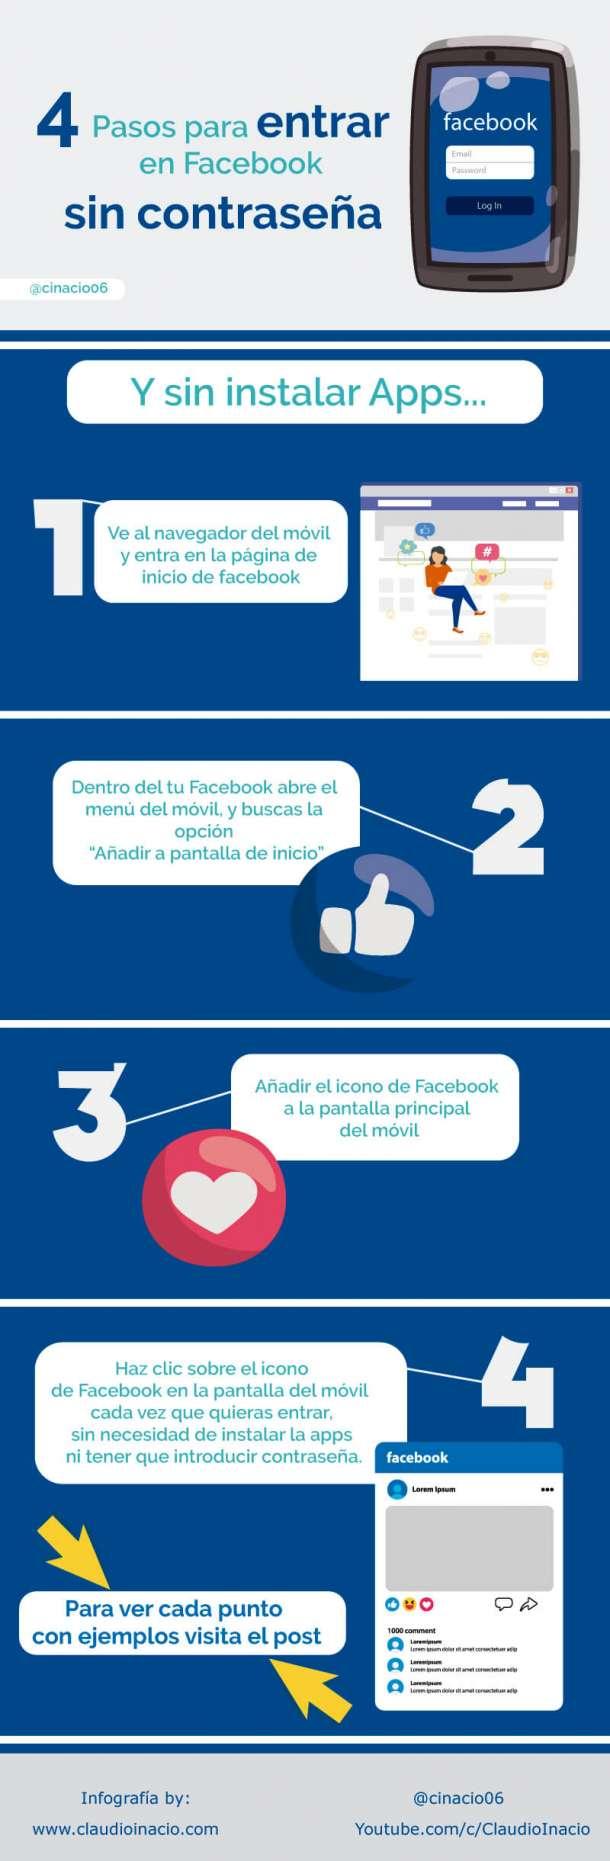 Cómo Entrar En Facebook Sin Contraseña Y Directo En 2020 Contraseñas Iniciar Sesión En Facebook Icono De Facebook